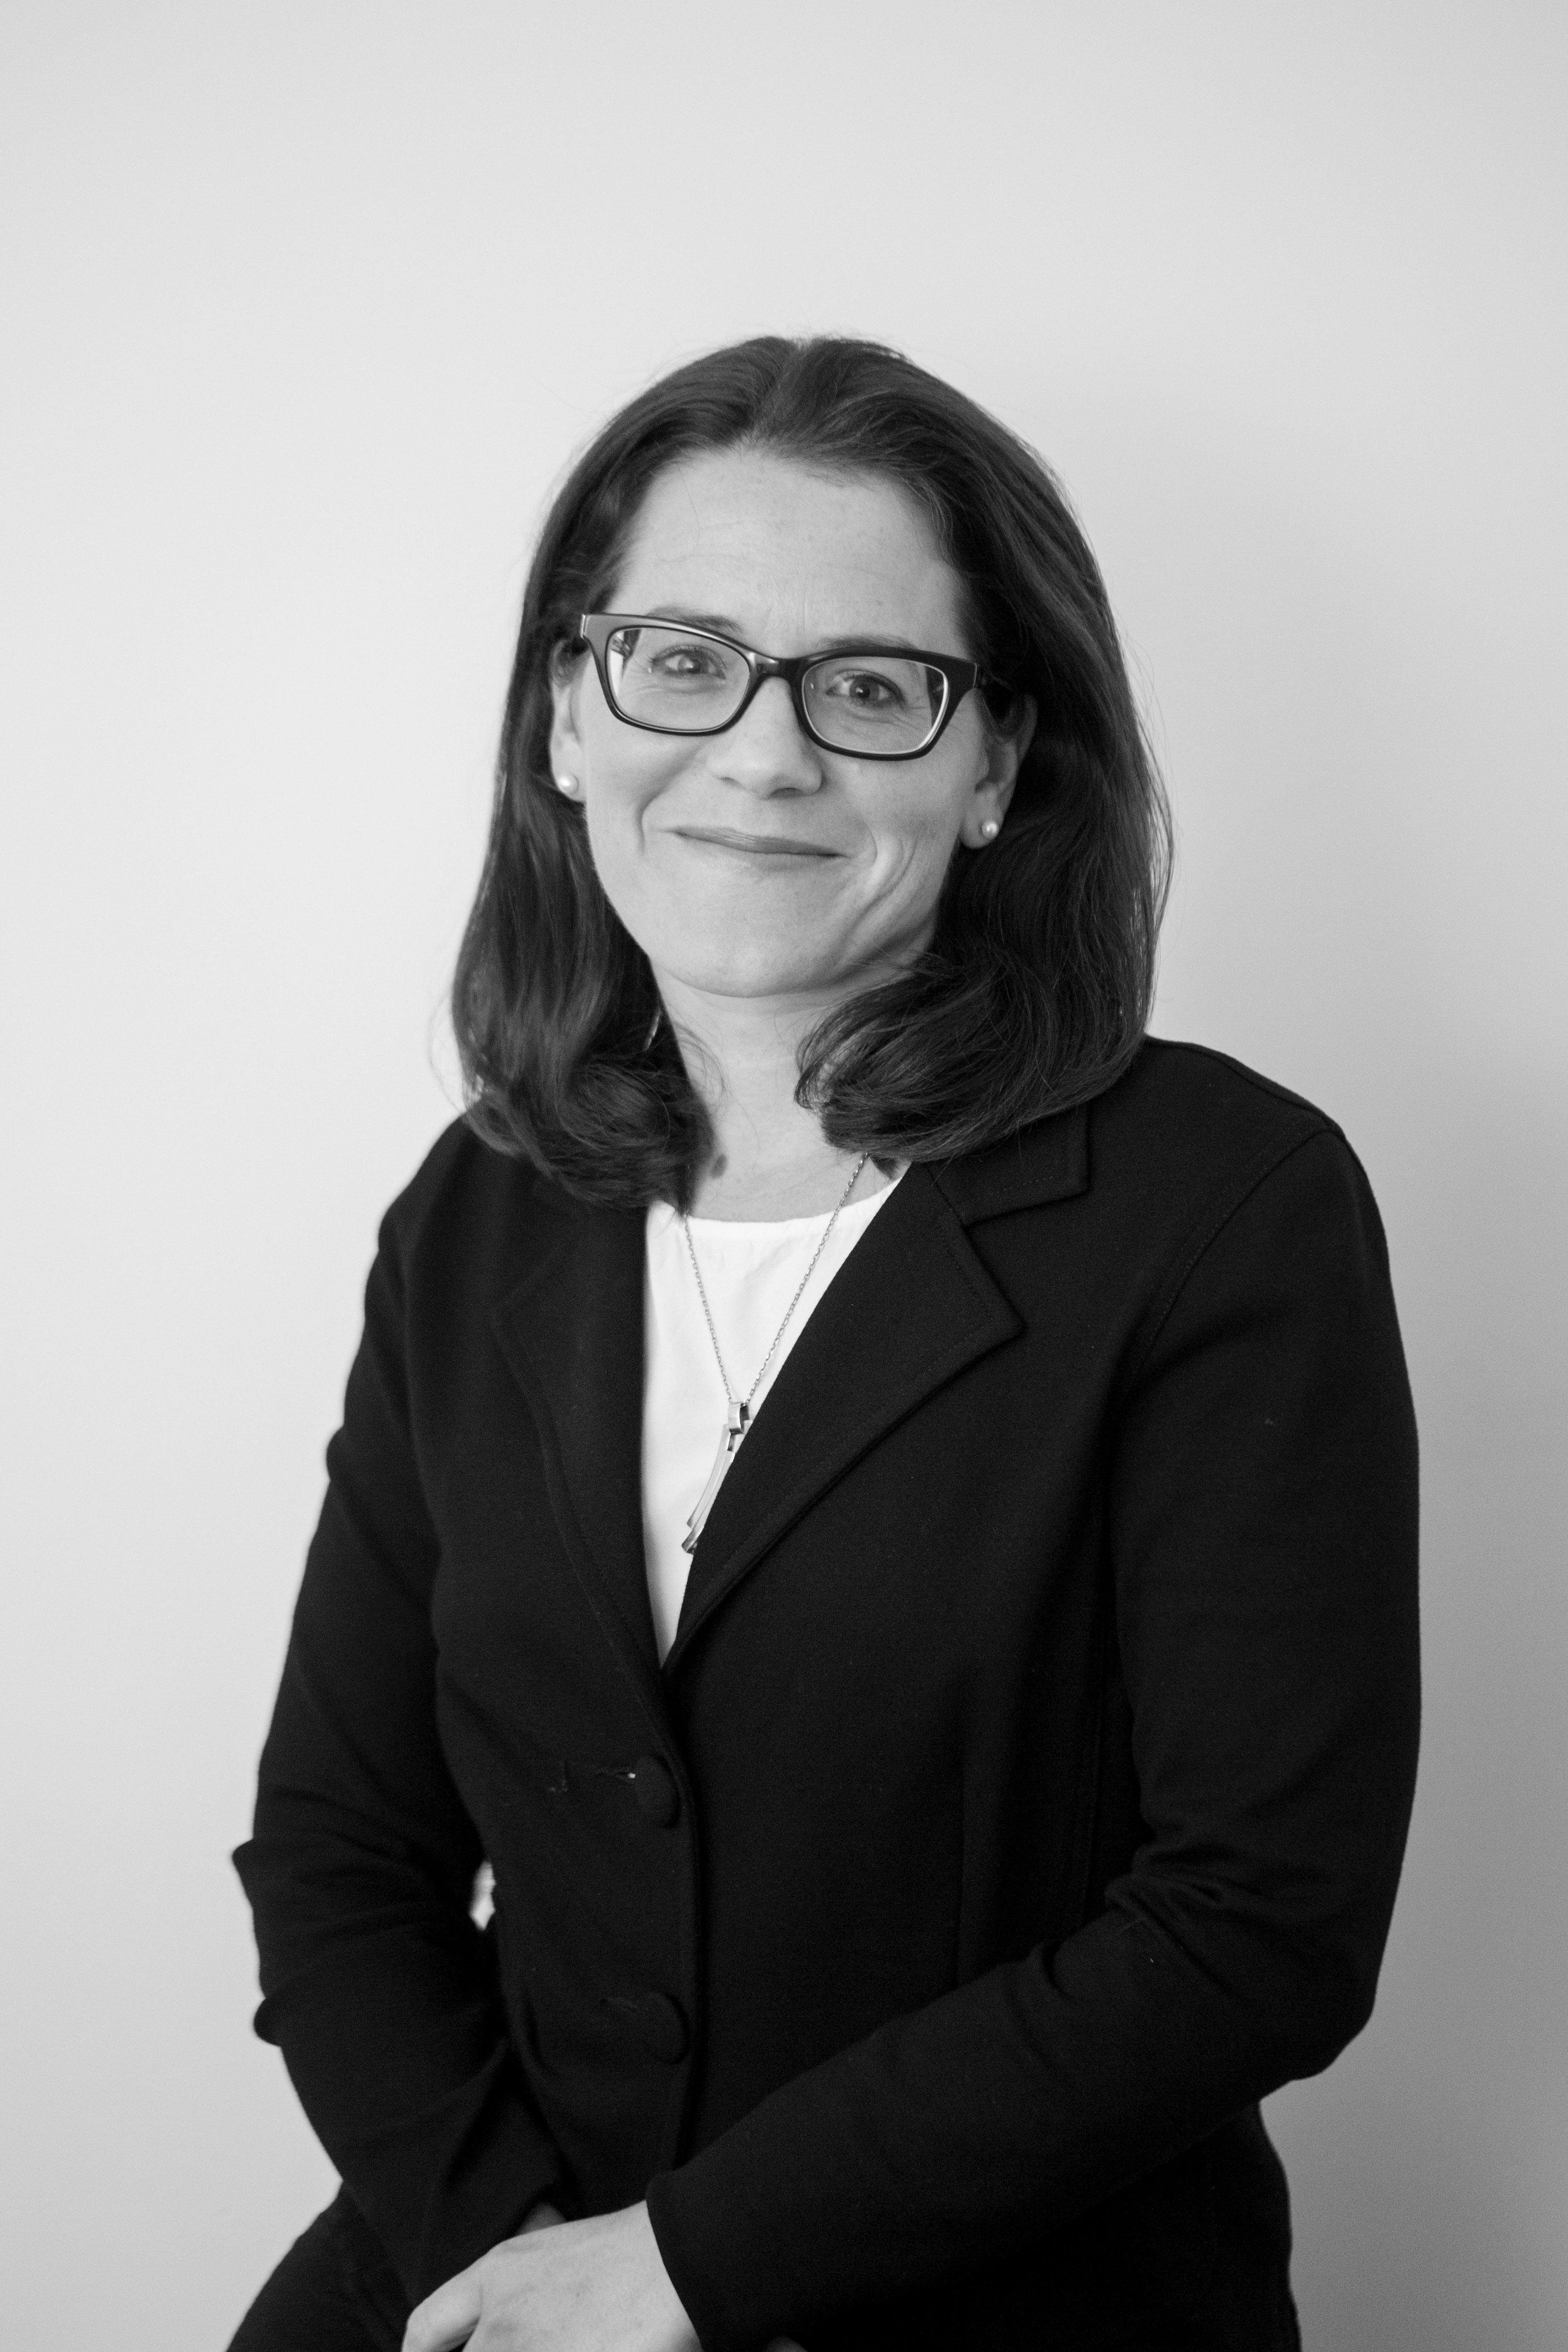 Camilla Davidson